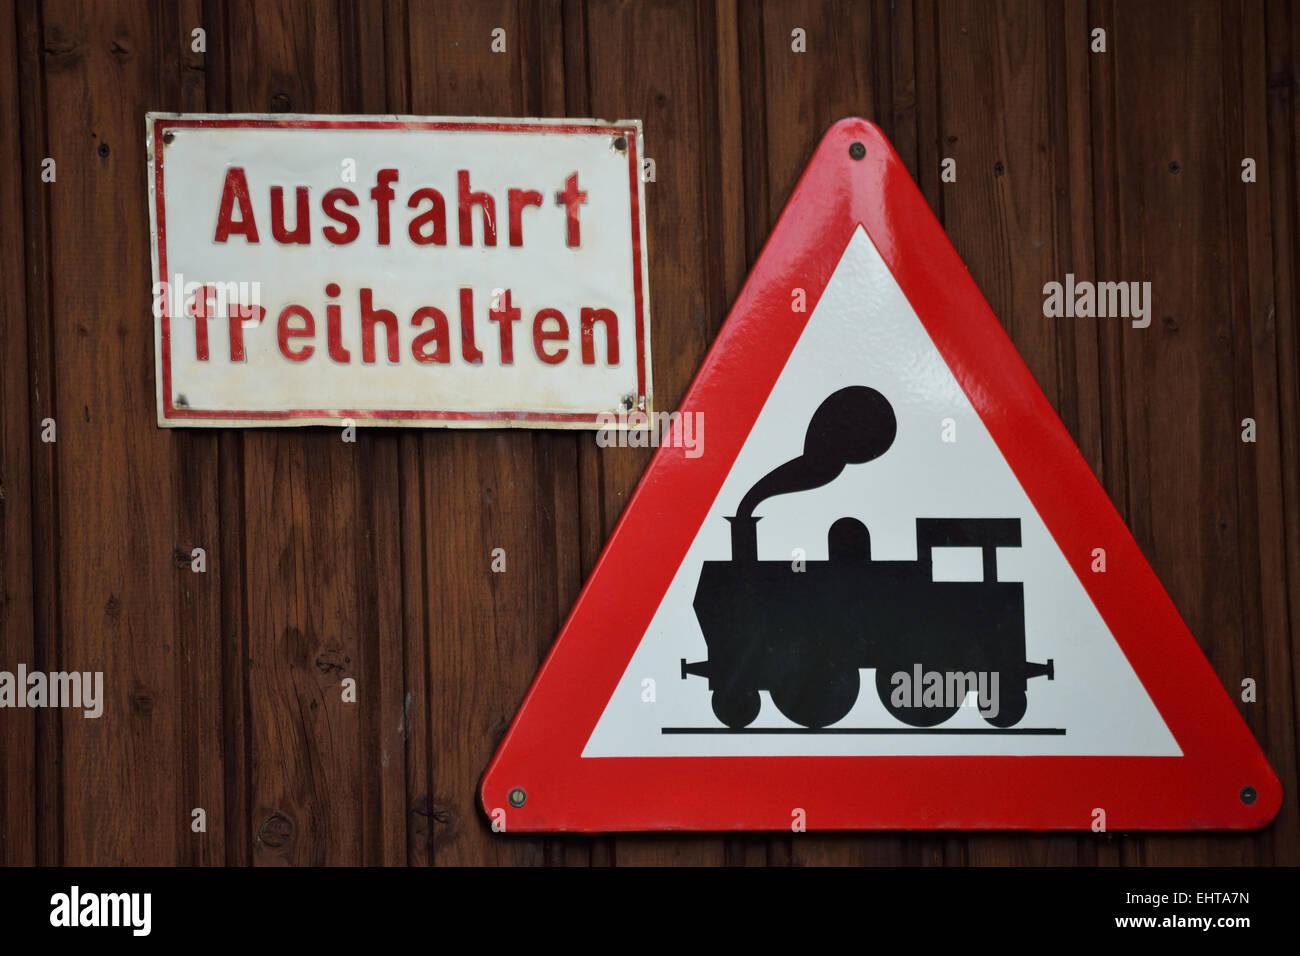 Lustige Schild Mit Einem Ausgang Stockfoto Bild 79825529 Alamy